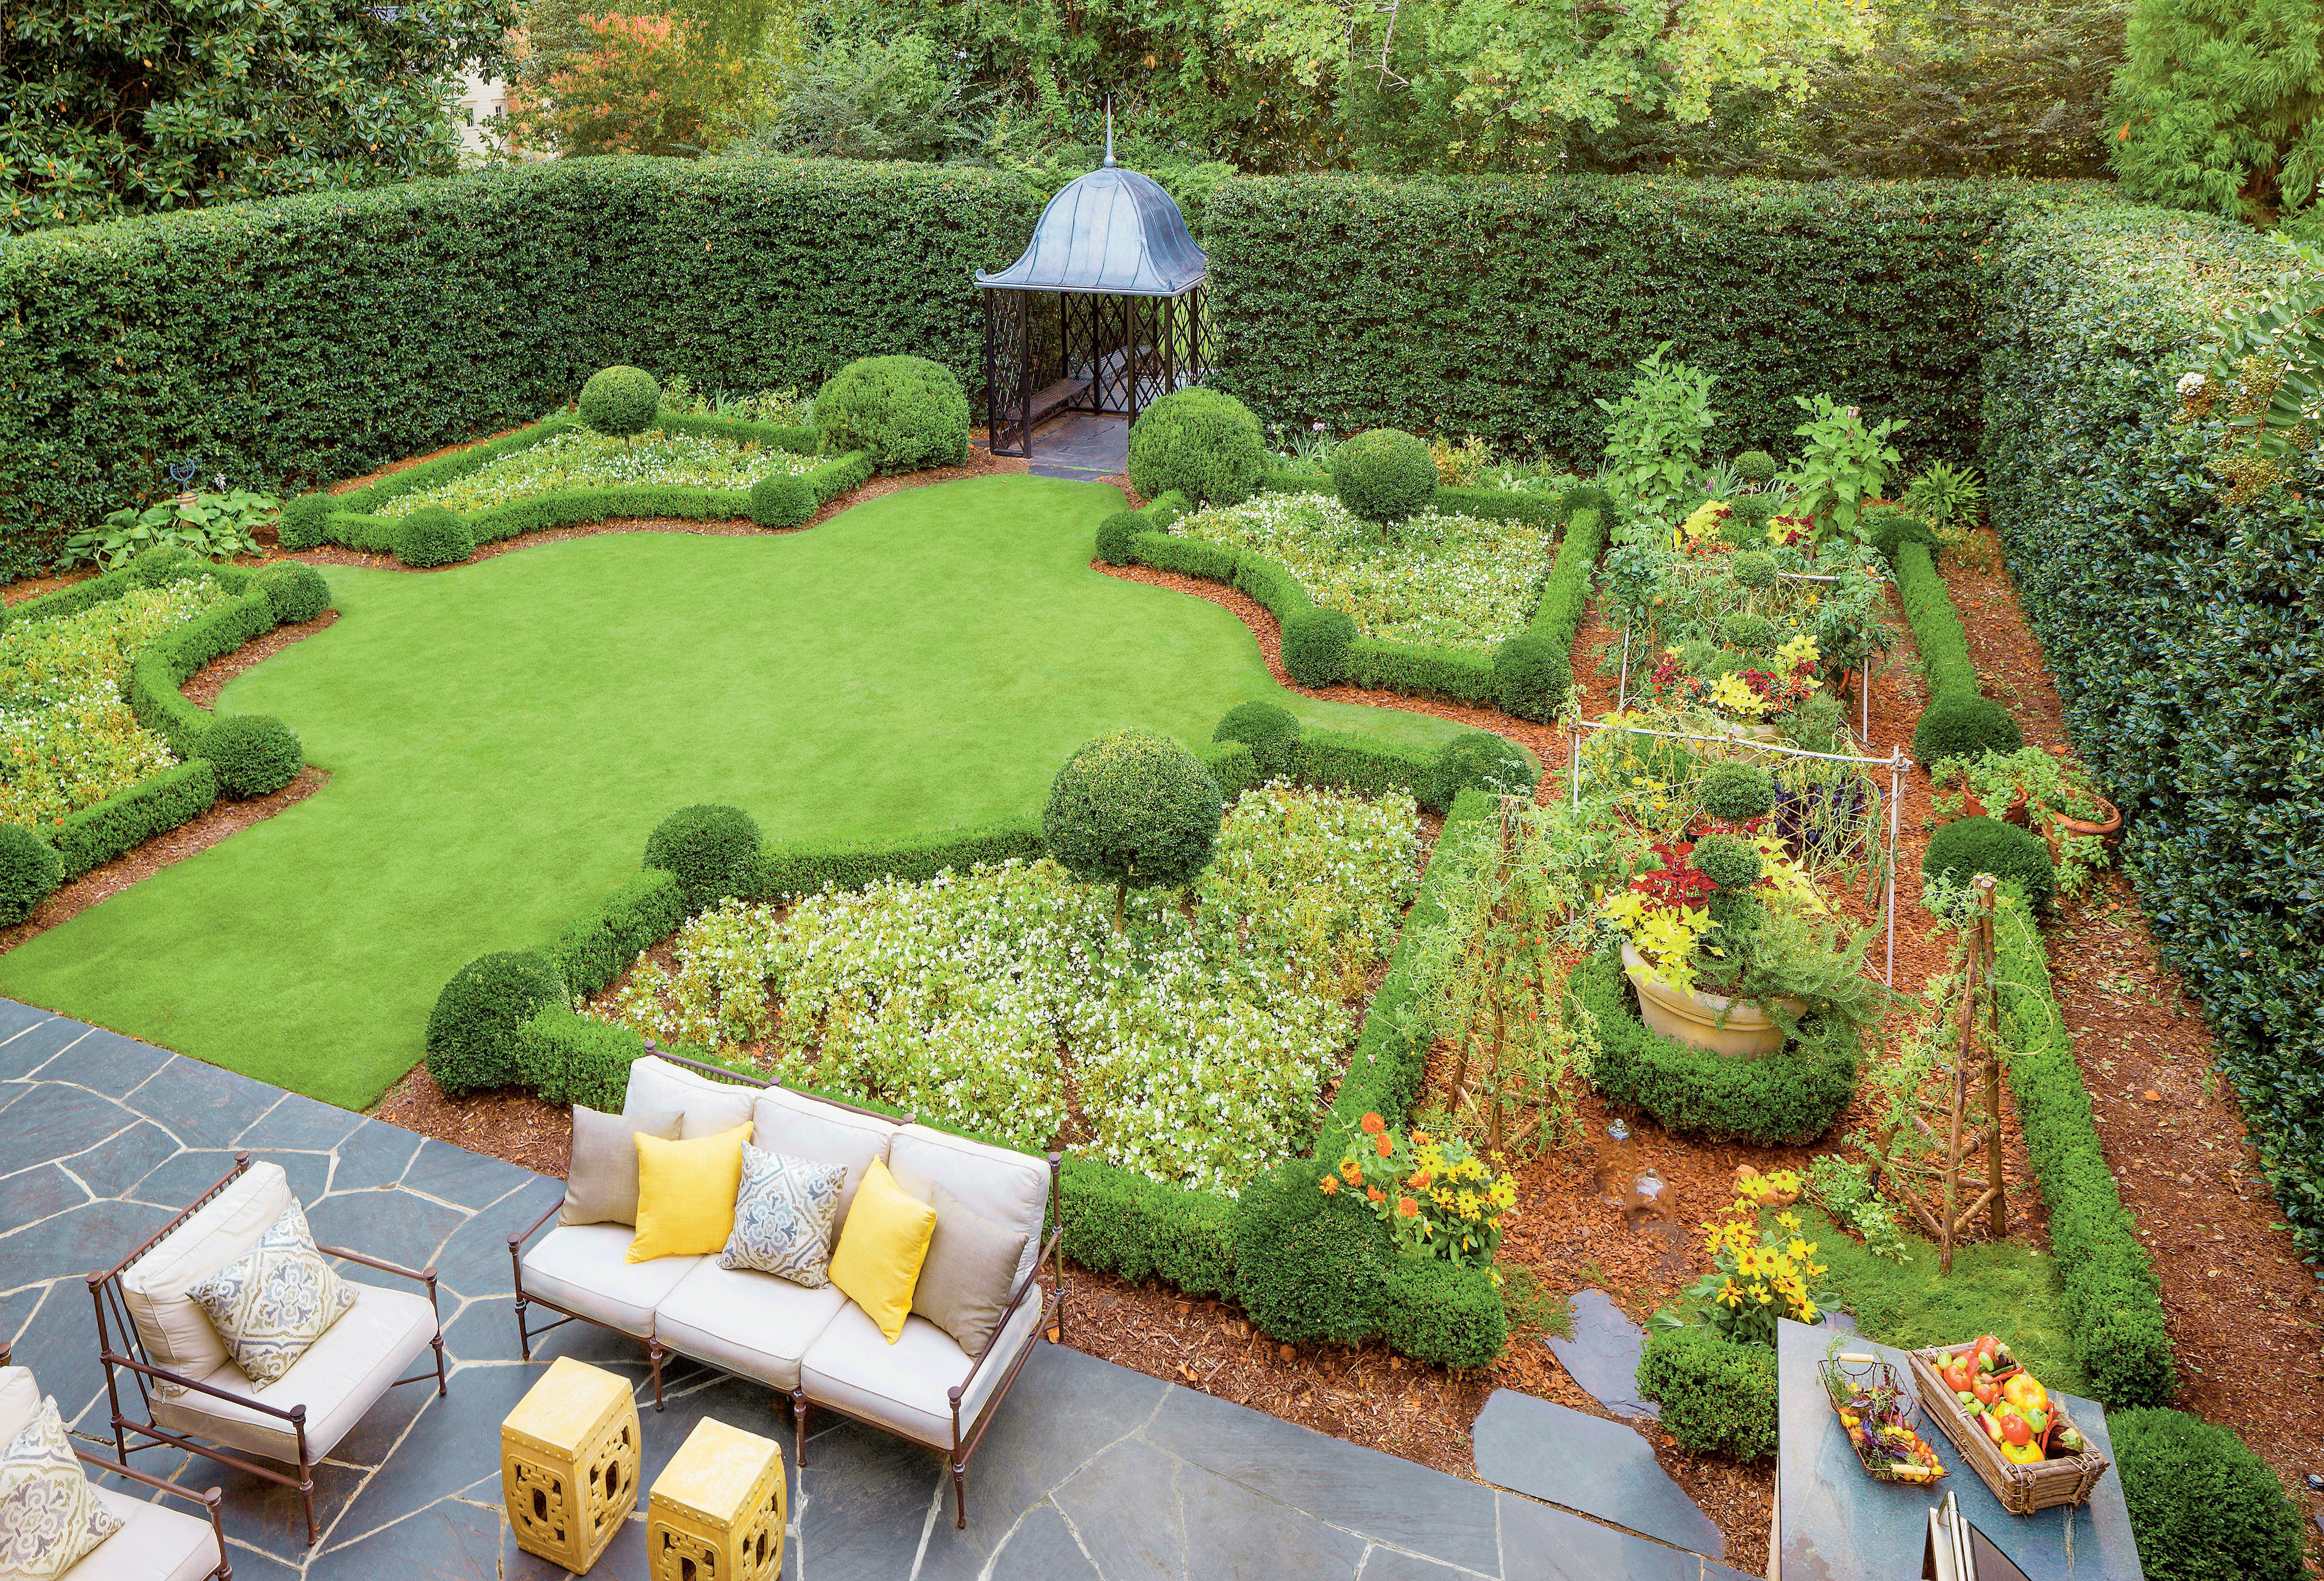 рецепте привожу планирование сада и огорода с фото анималистике животных